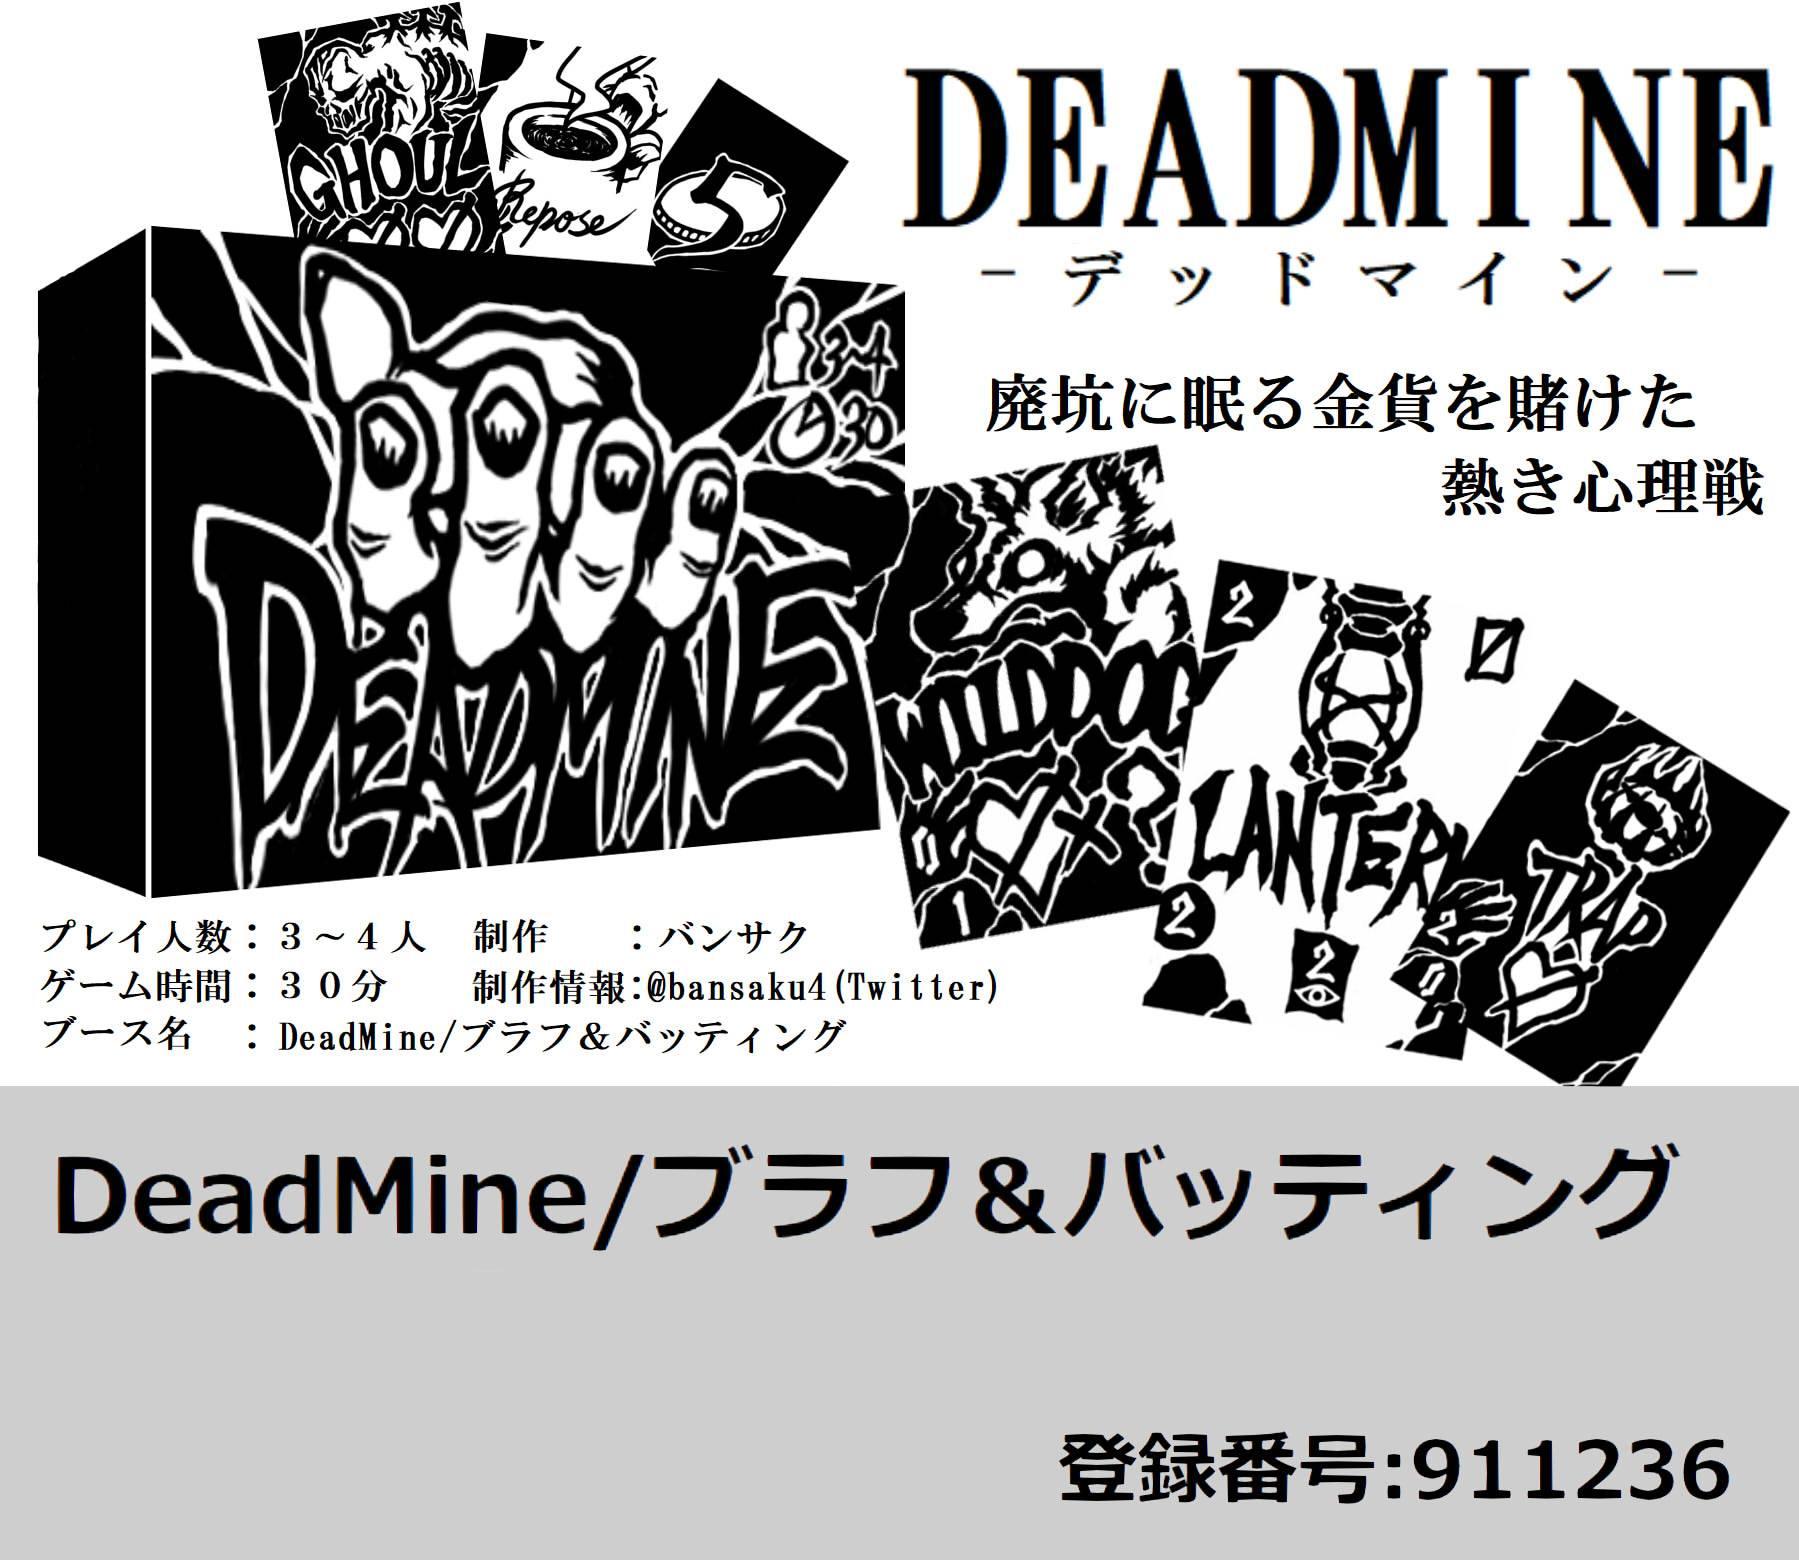 DeadMine/ブラフ&バッティング画像